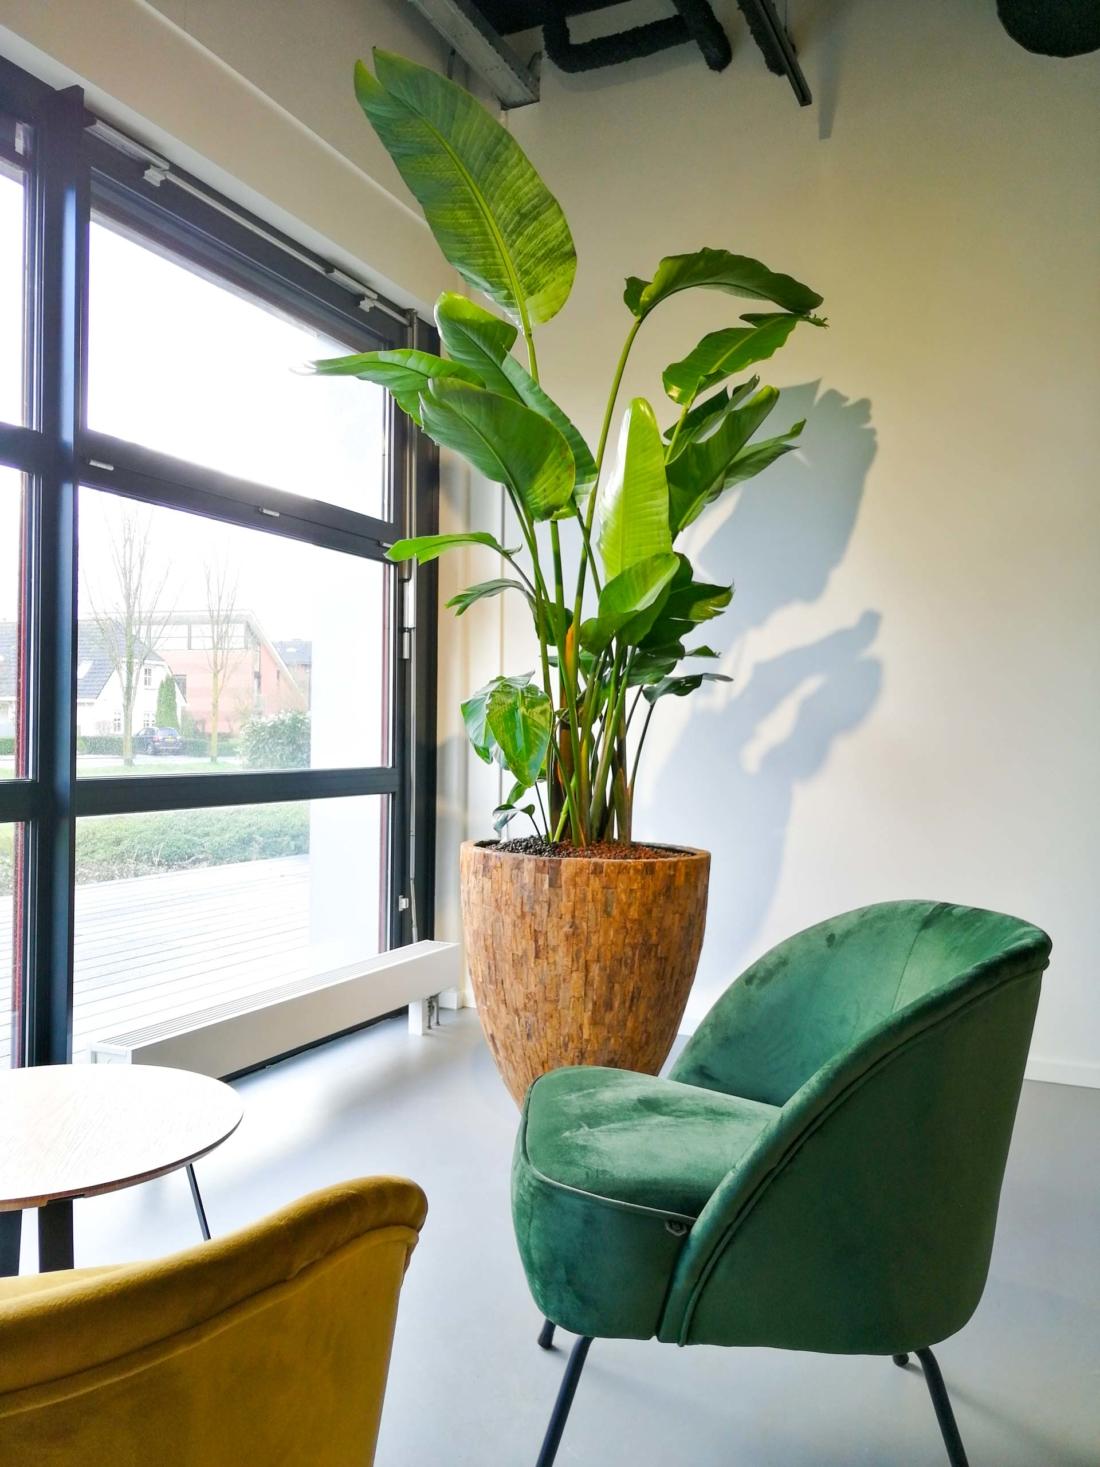 Grote-luchtzuiverende-kantoorplant-met-natuurlijke-look-1100x1467.jpg